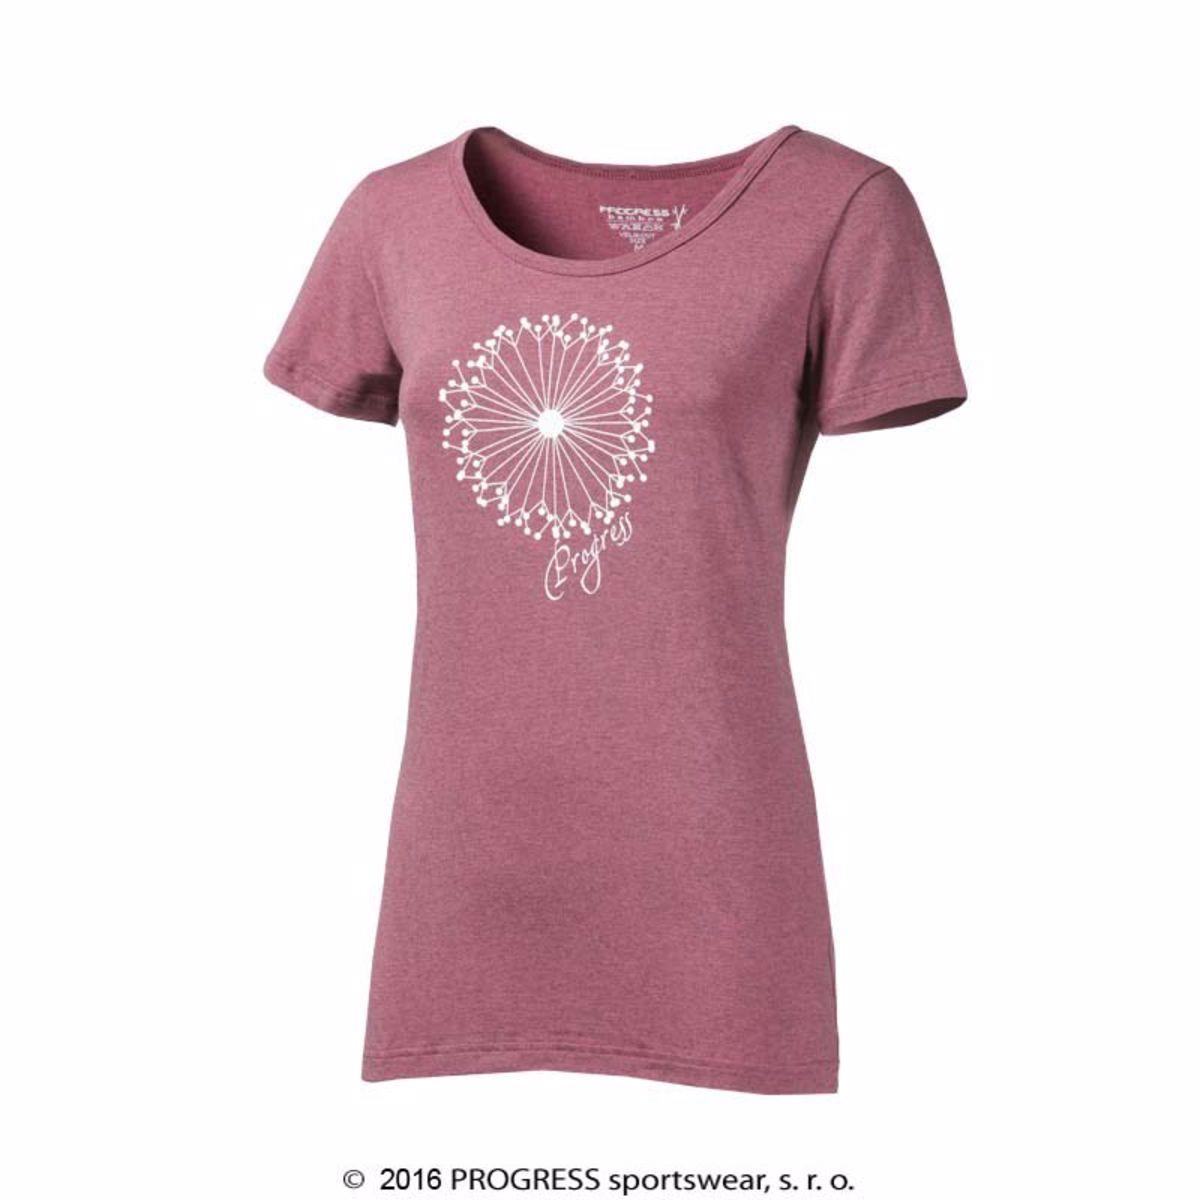 5b2cd19e0c00 Progress OS SASA dámske tričko